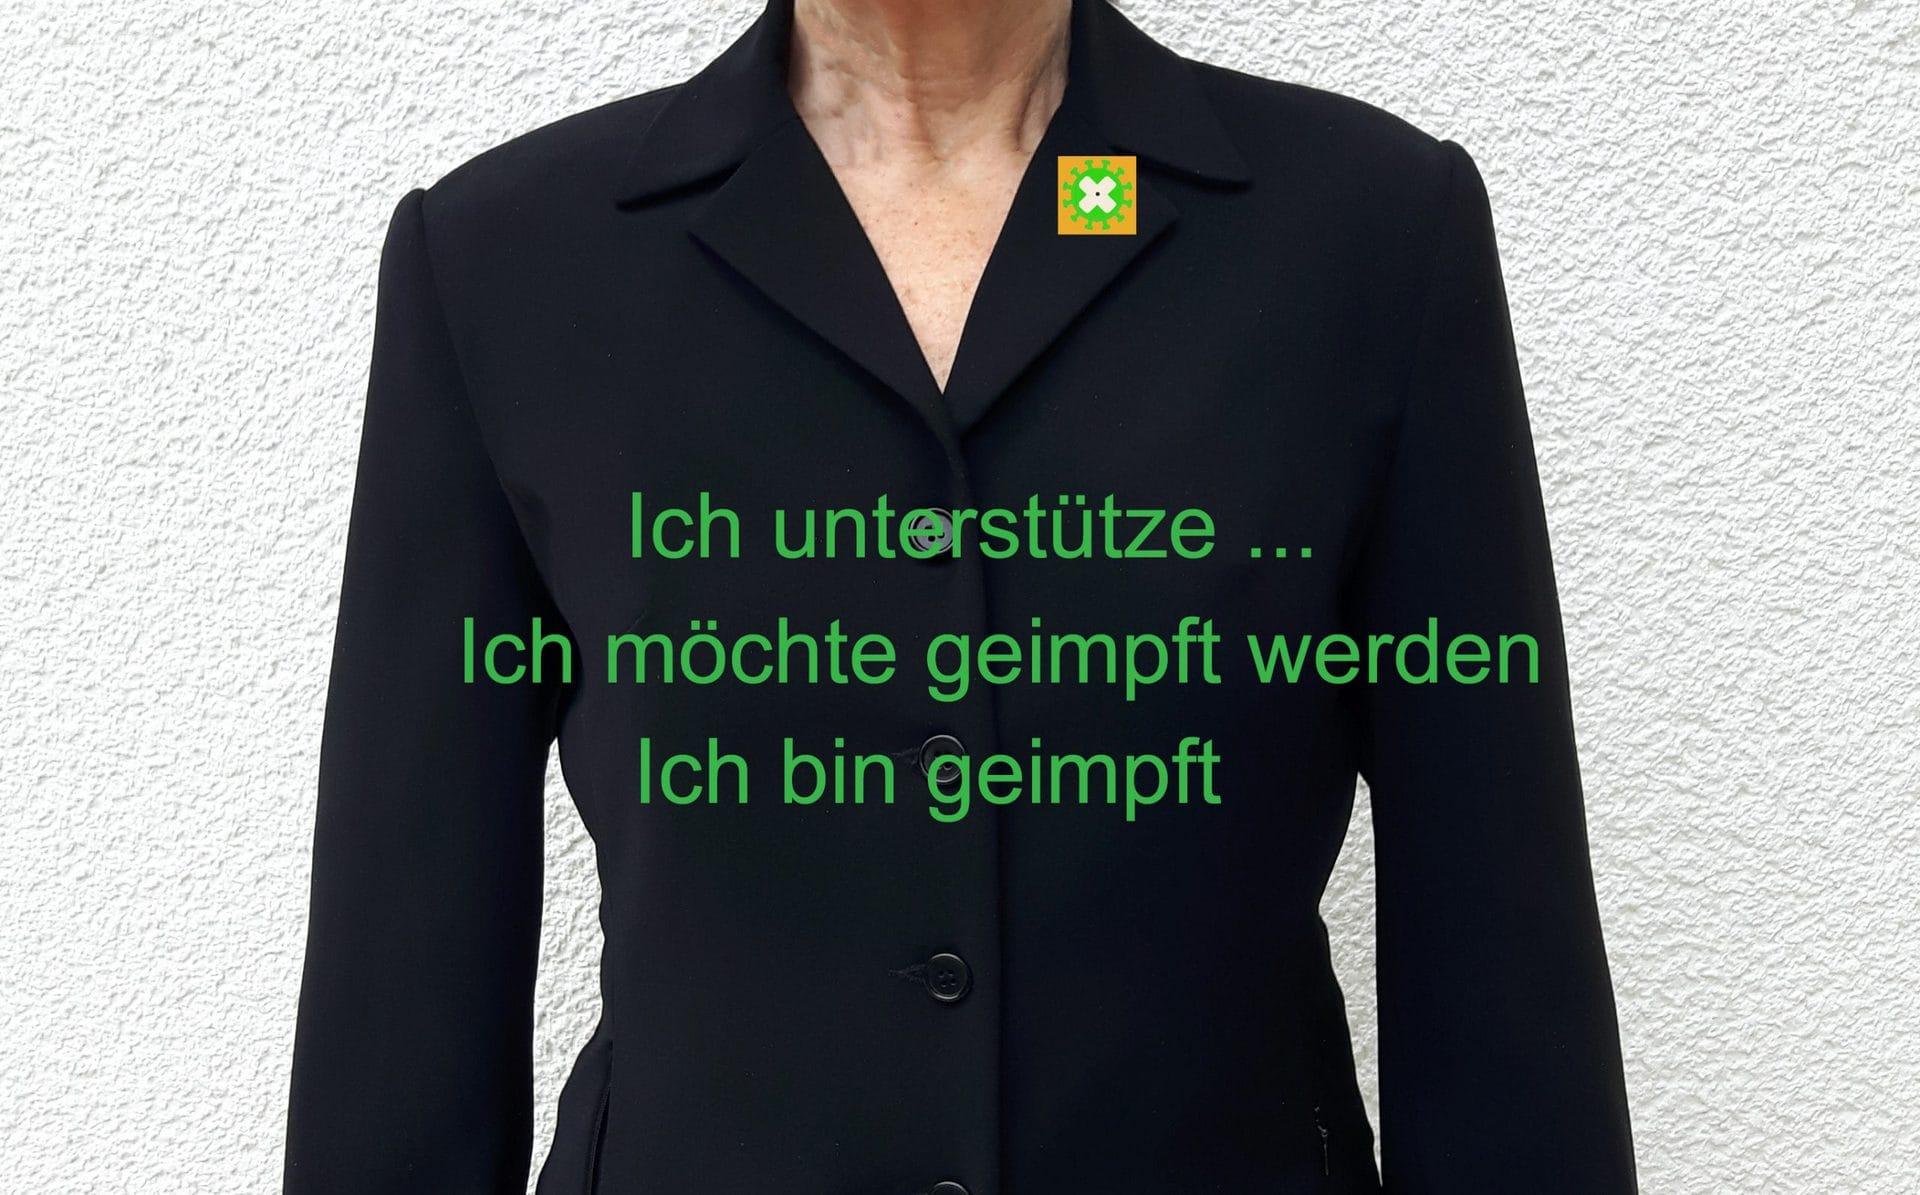 Maria Maier hat Erfolg mit ihren Corona-Ansteckern Regensburger Künstlerin  unterstützt Impfkampagnen in der Dritten Welt